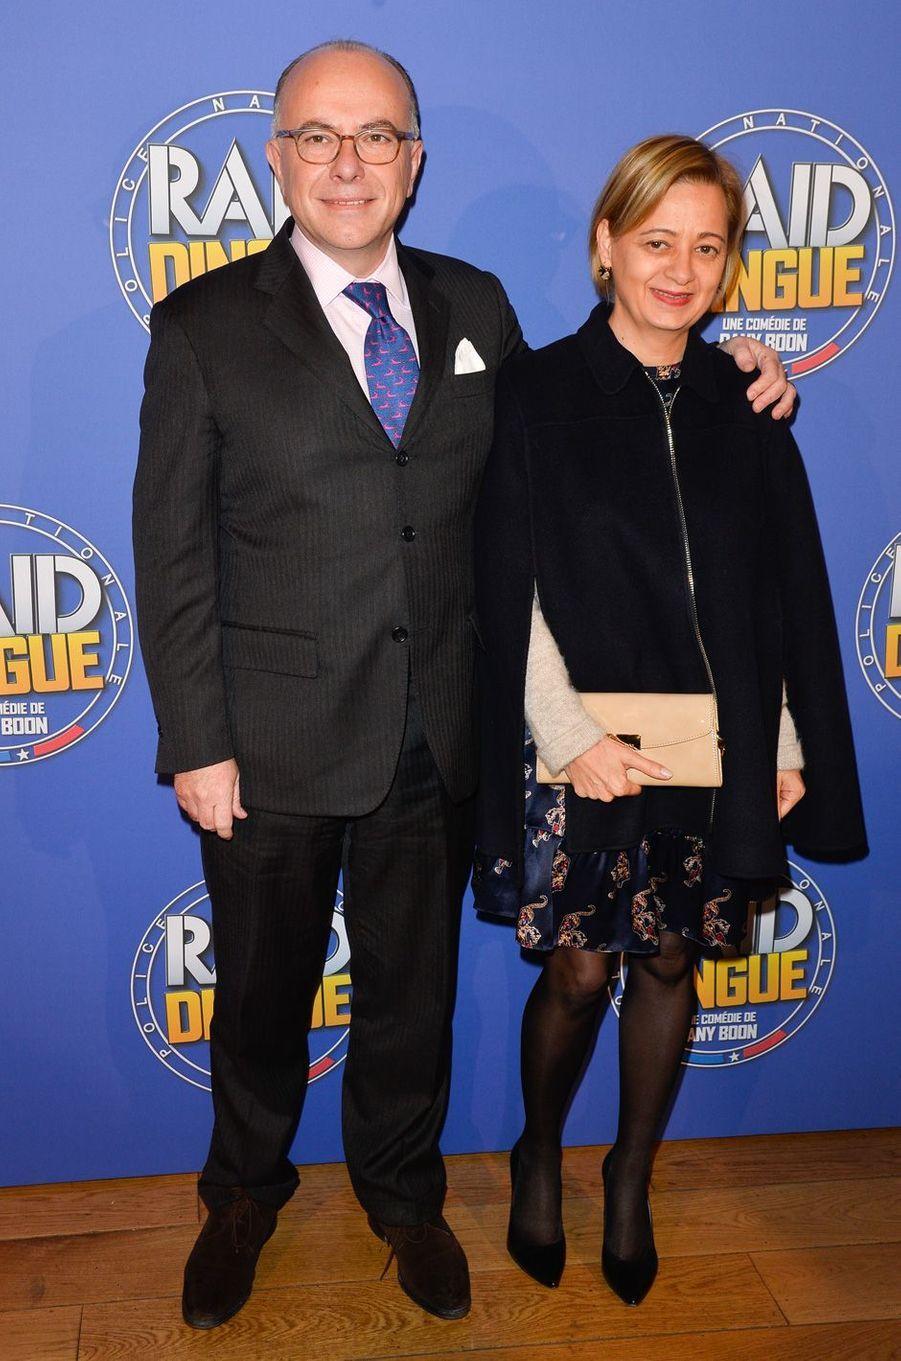 Bernard Cazeneuve et son épouse Véronique, àl'avant-première du film «RAID Dingue».